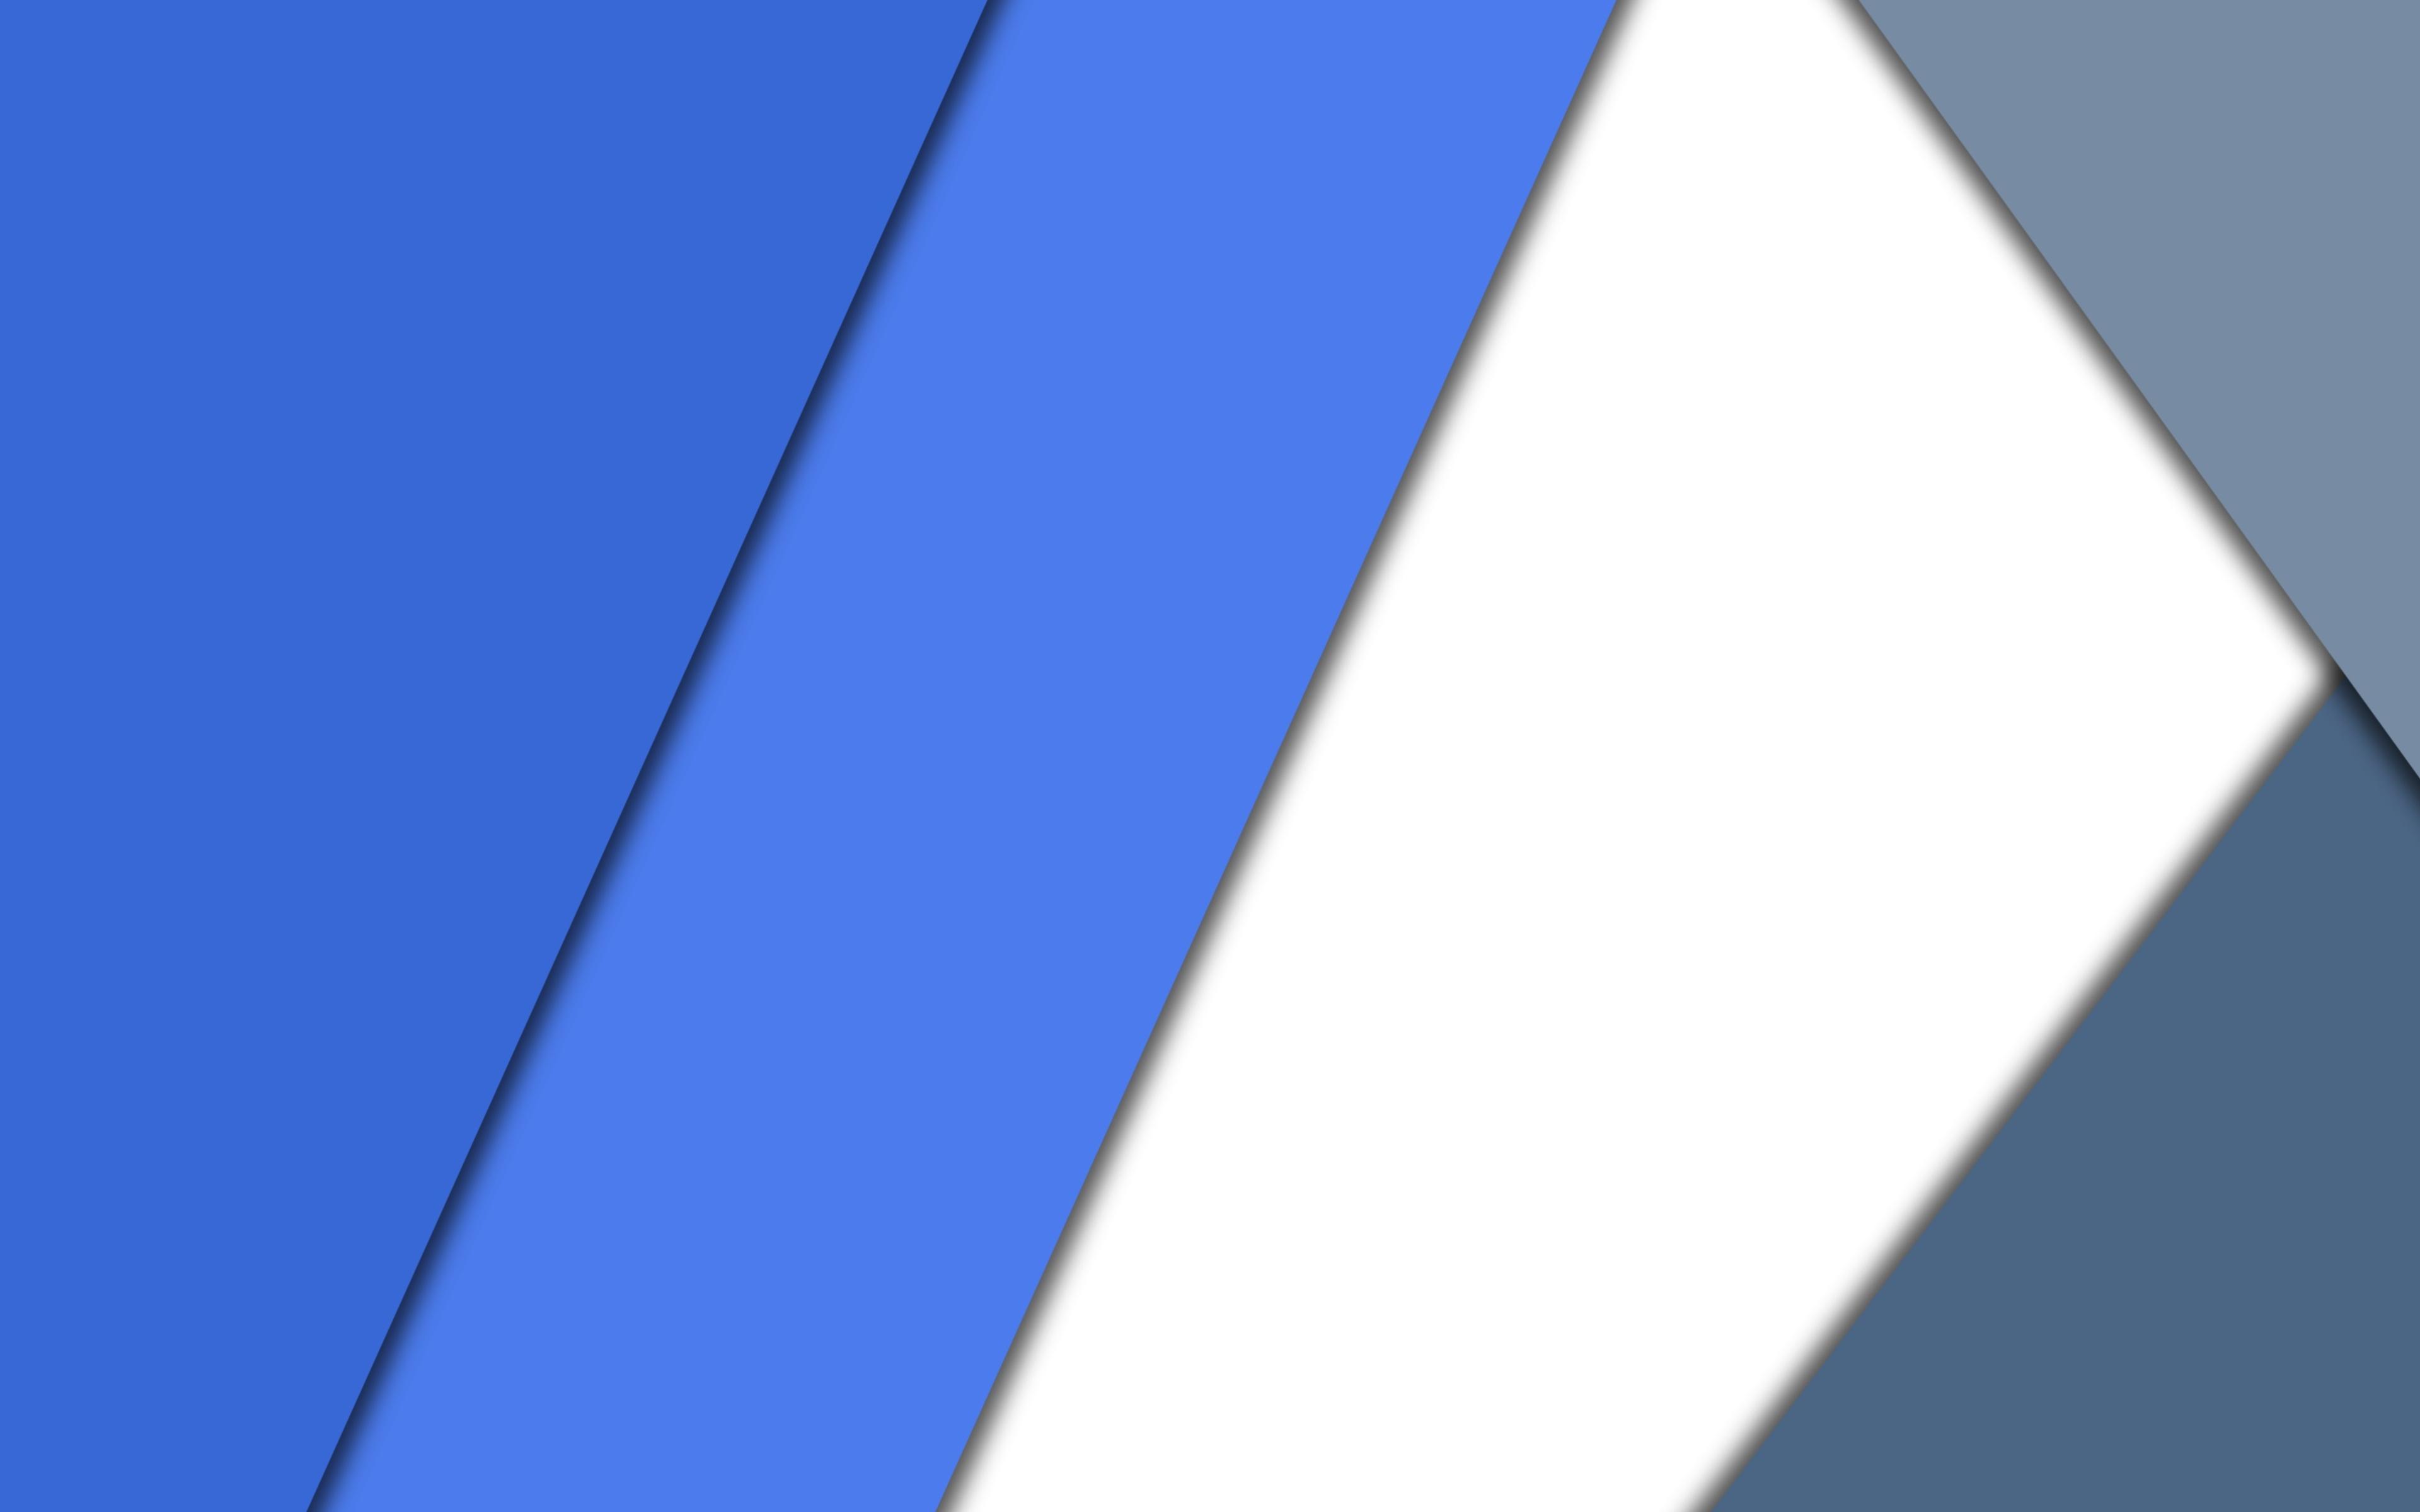 blue-white-material-design-4k-up.jpg